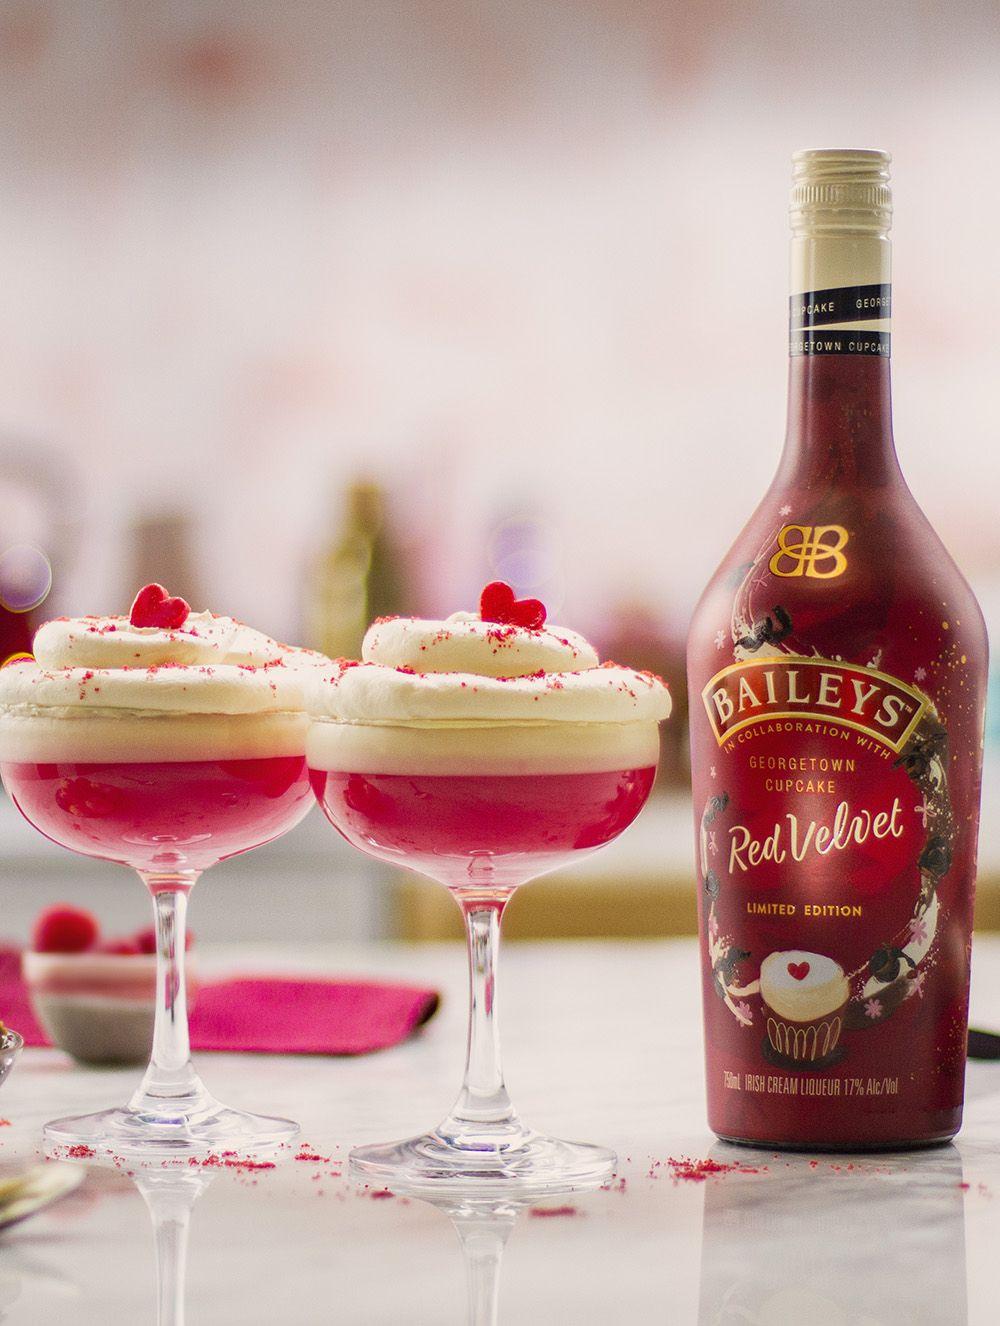 Baileys Red Velvet Cupcake Martini Recipe In 2020 With Images Red Velvet Cupcakes Martini Recipes Baileys